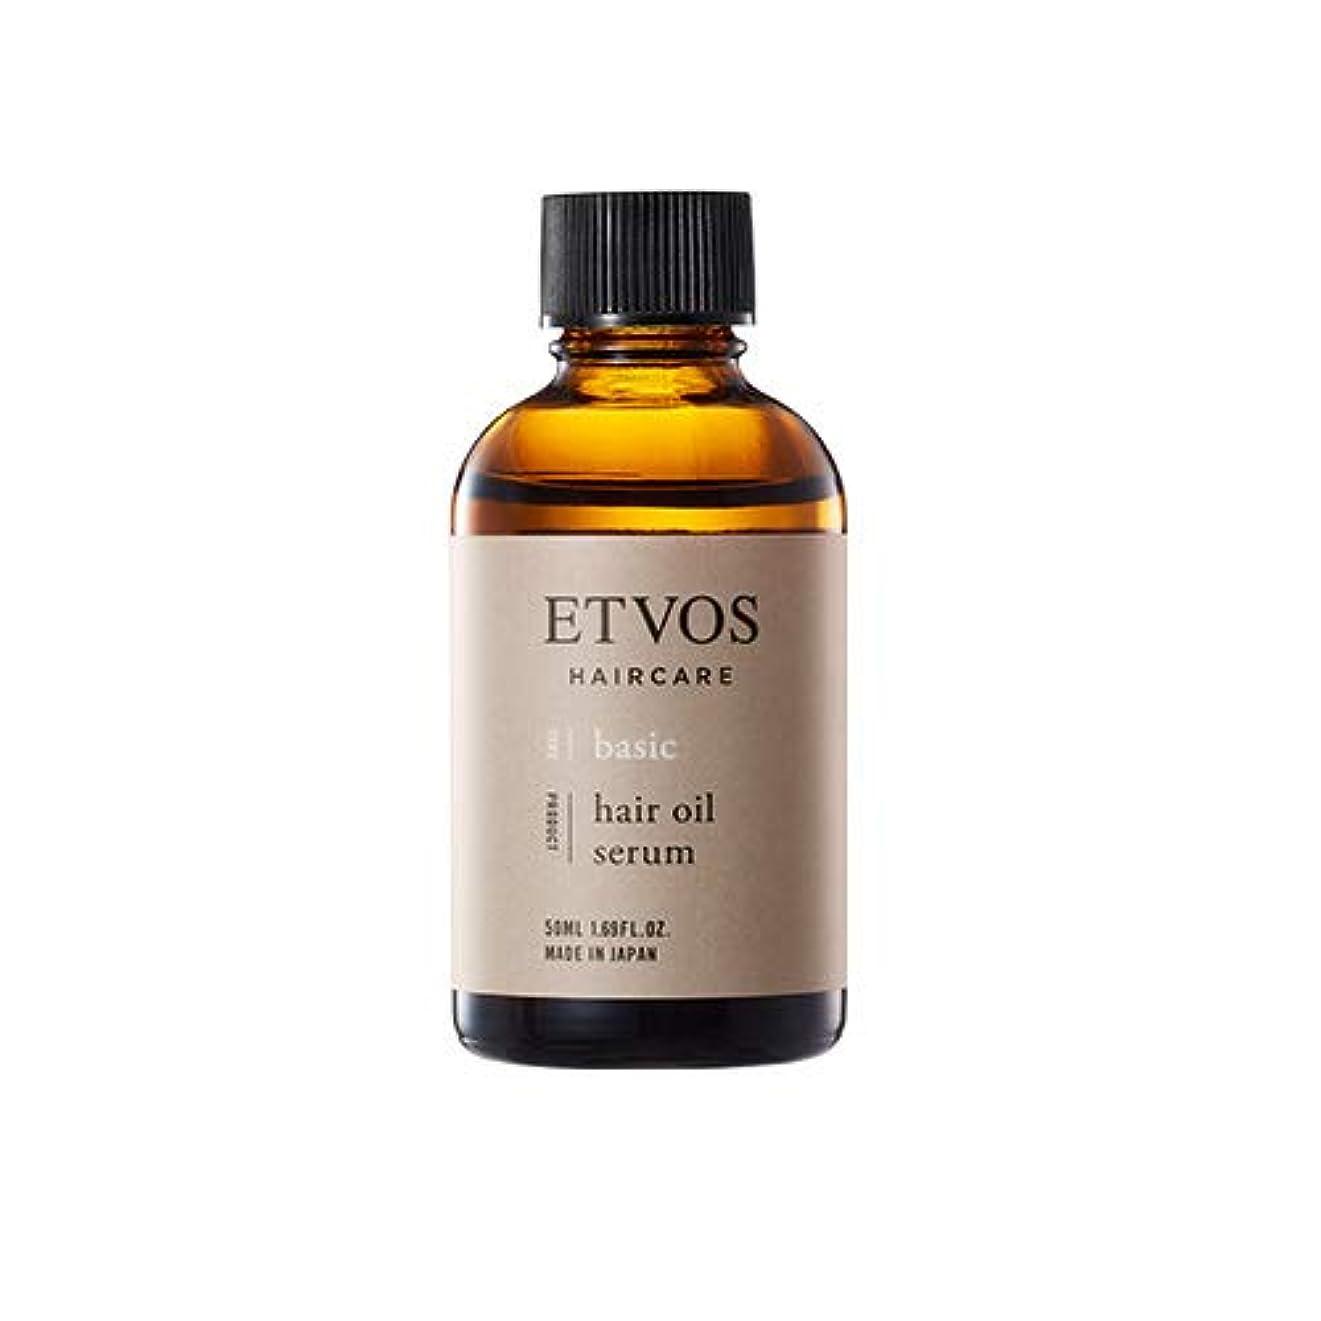 住居毎週削るETVOS(エトヴォス) ヘアオイルセラム 50ml ヘアスタイル 毛髪補修成分 乾燥 熱 ノンシリコン 美容オイル